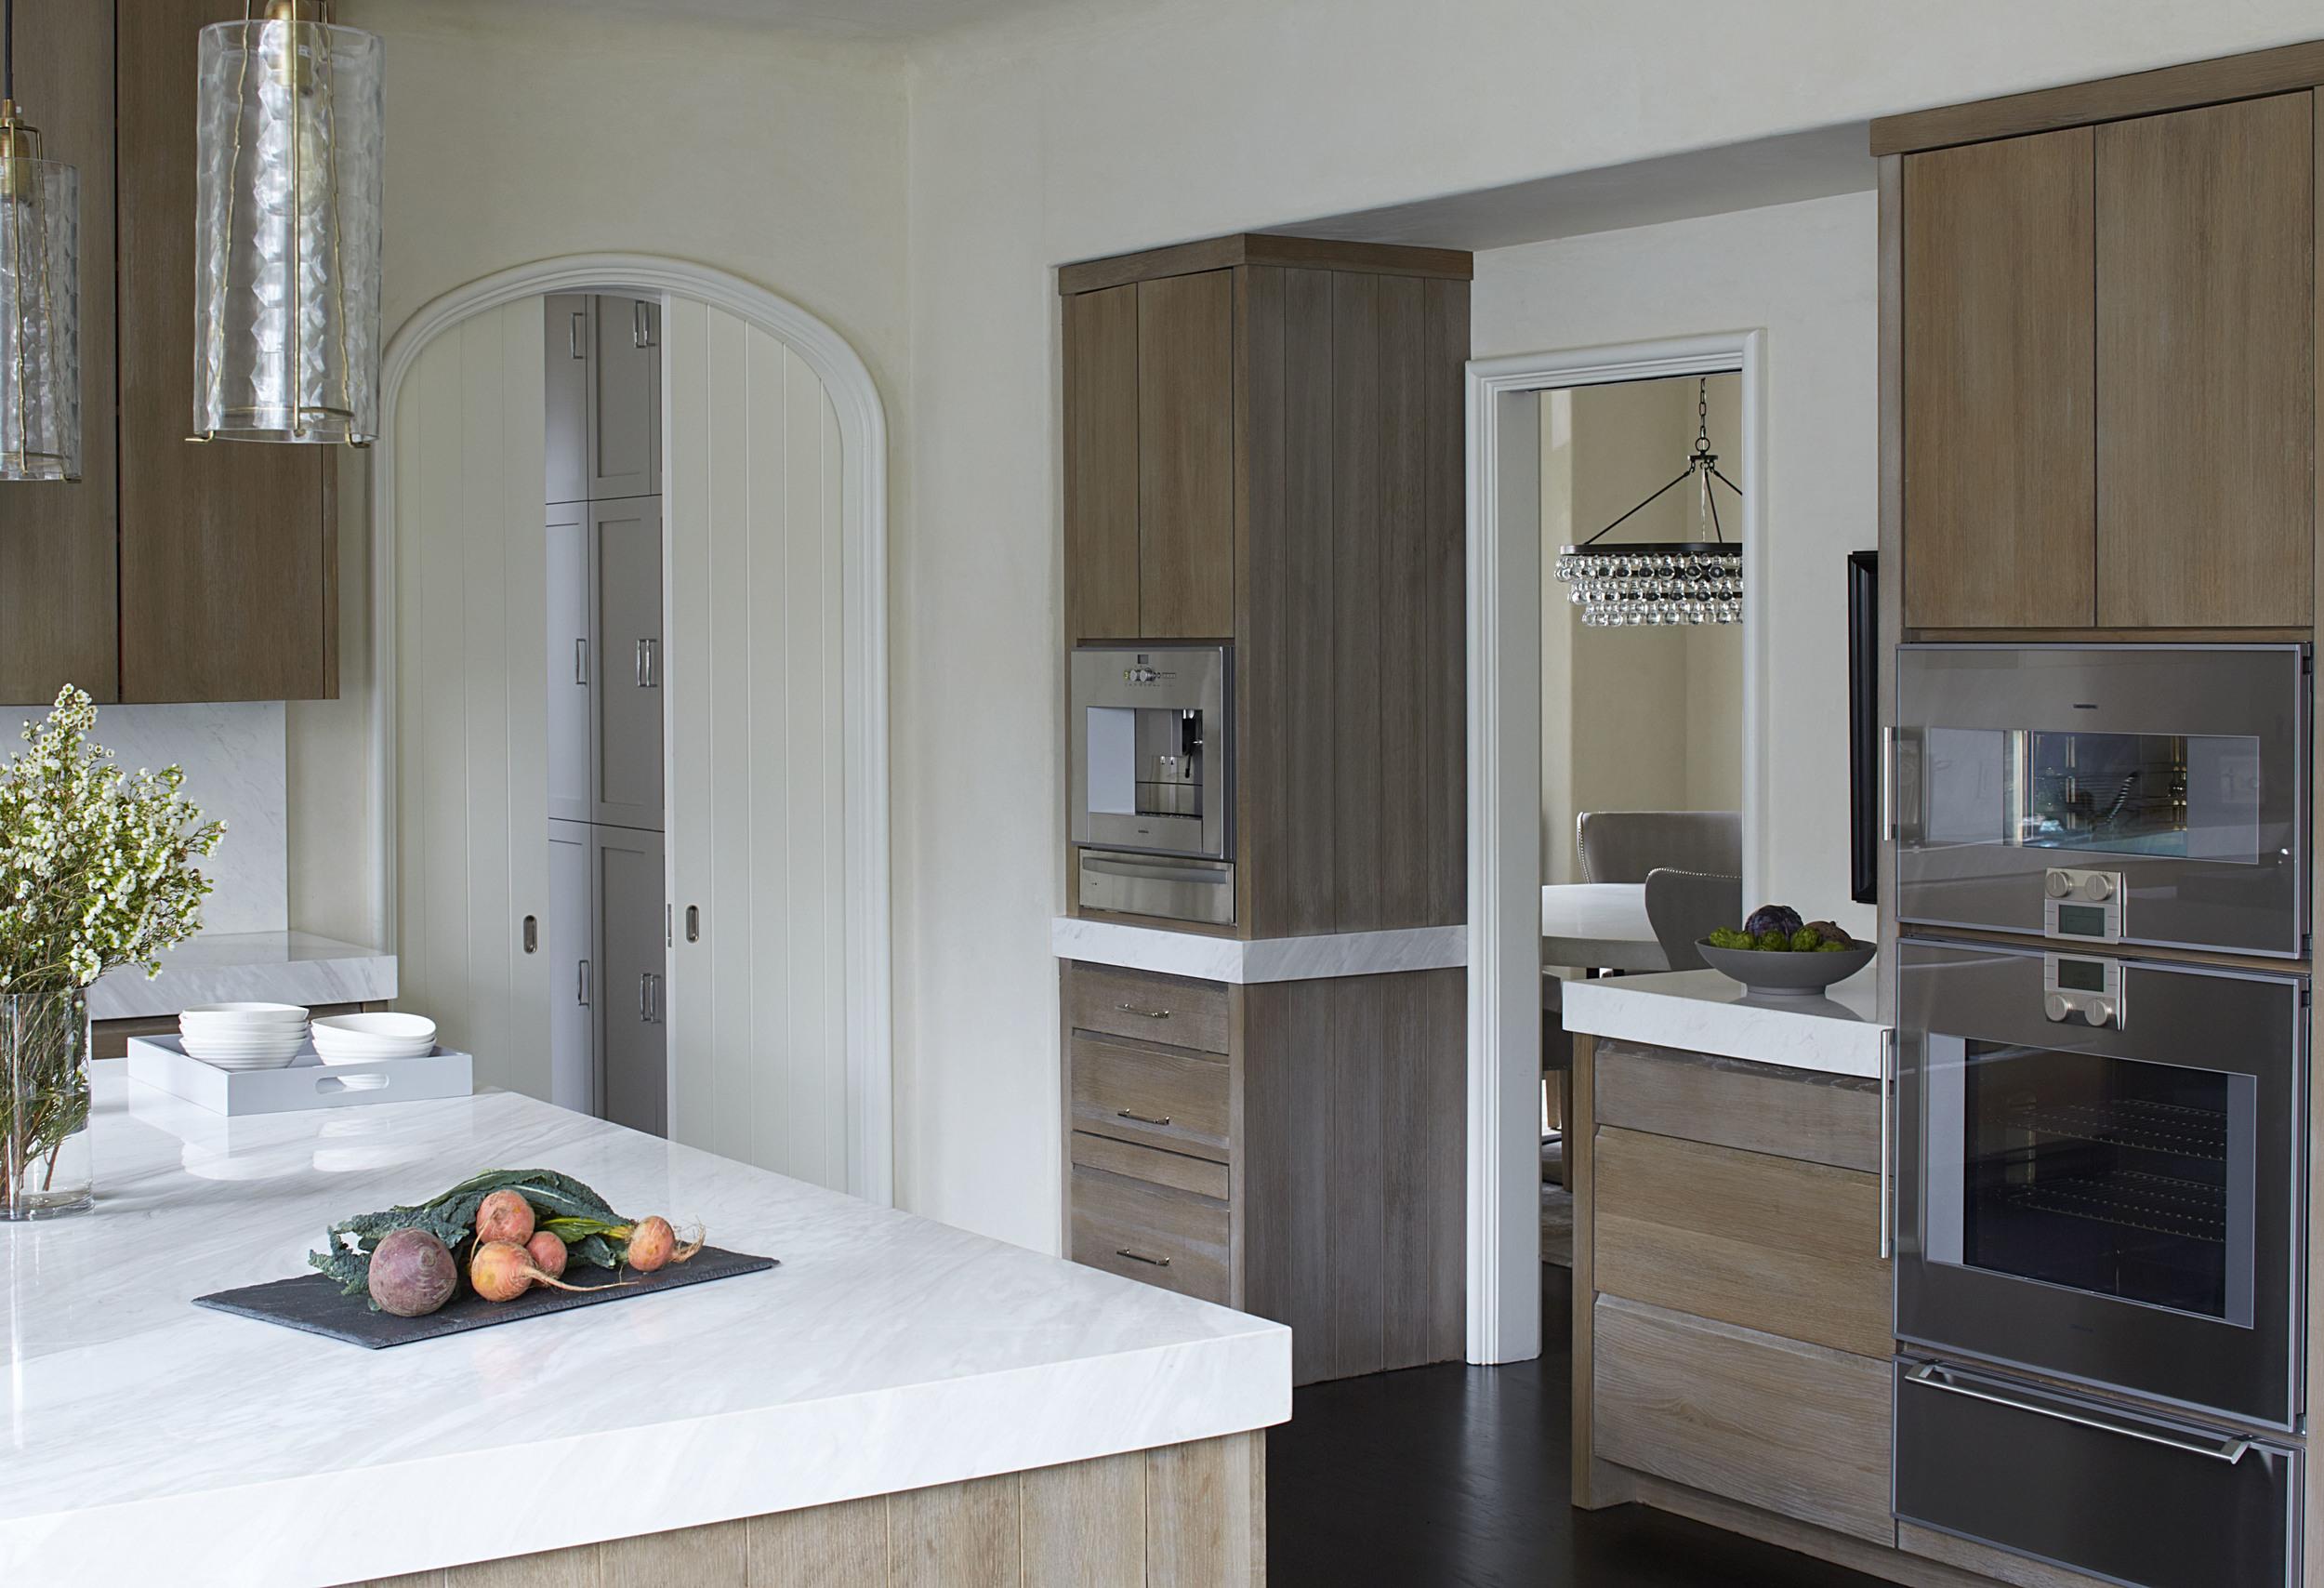 Stenglen_Kitchen6_B.jpg